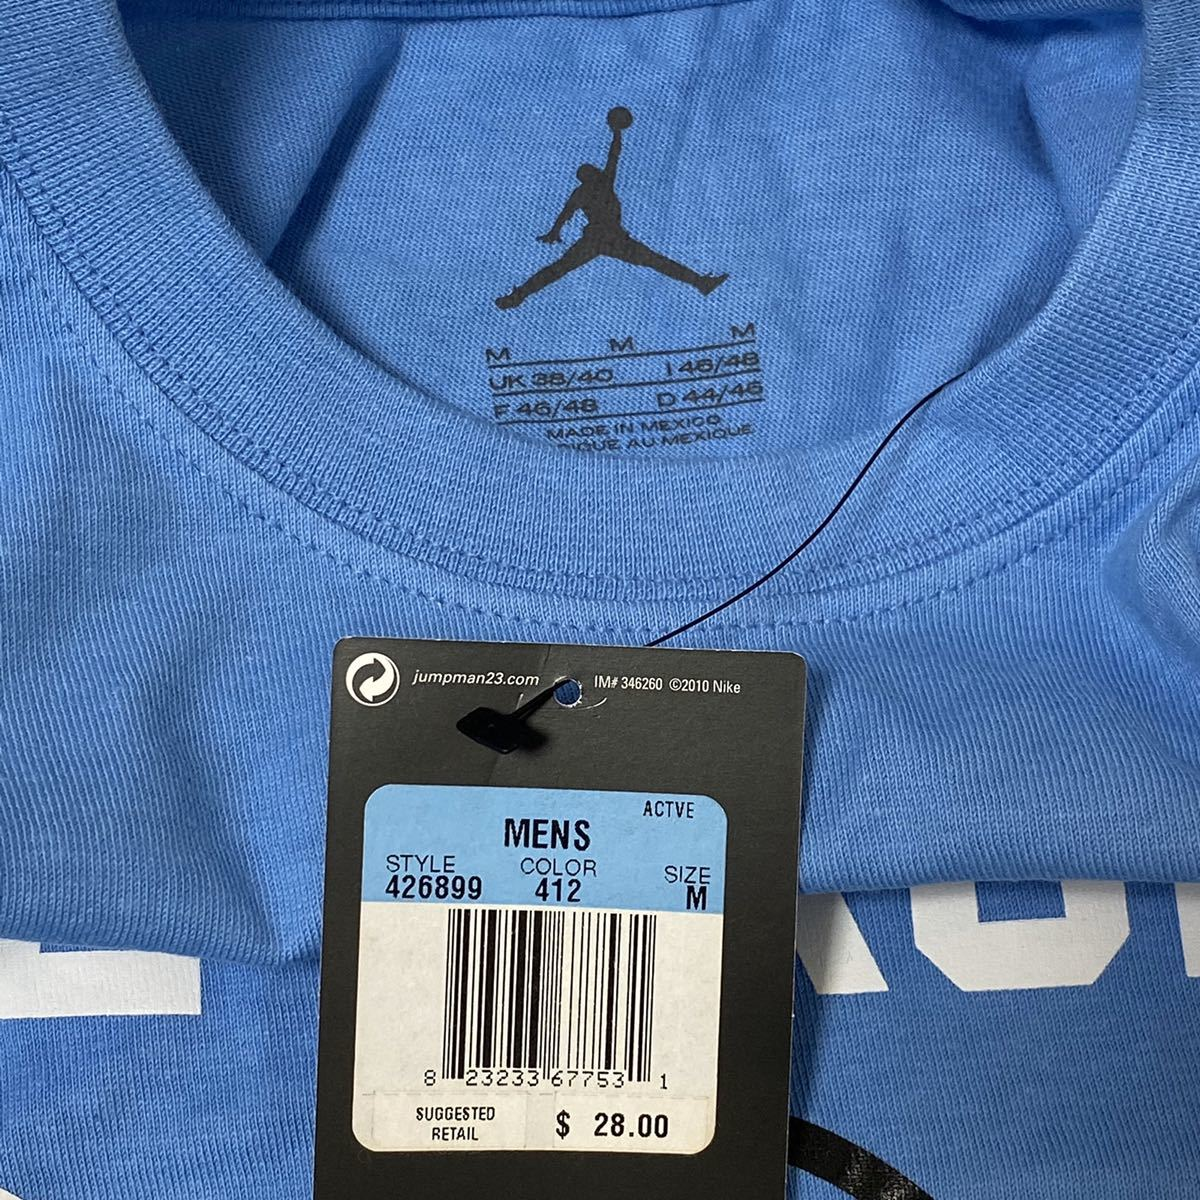 【激レア・即発送可】 NIKE AIR JORDAN NY SUBWAYモチーフTシャツ sizeM エアジョーダン 地下鉄 THE BRONX _画像3